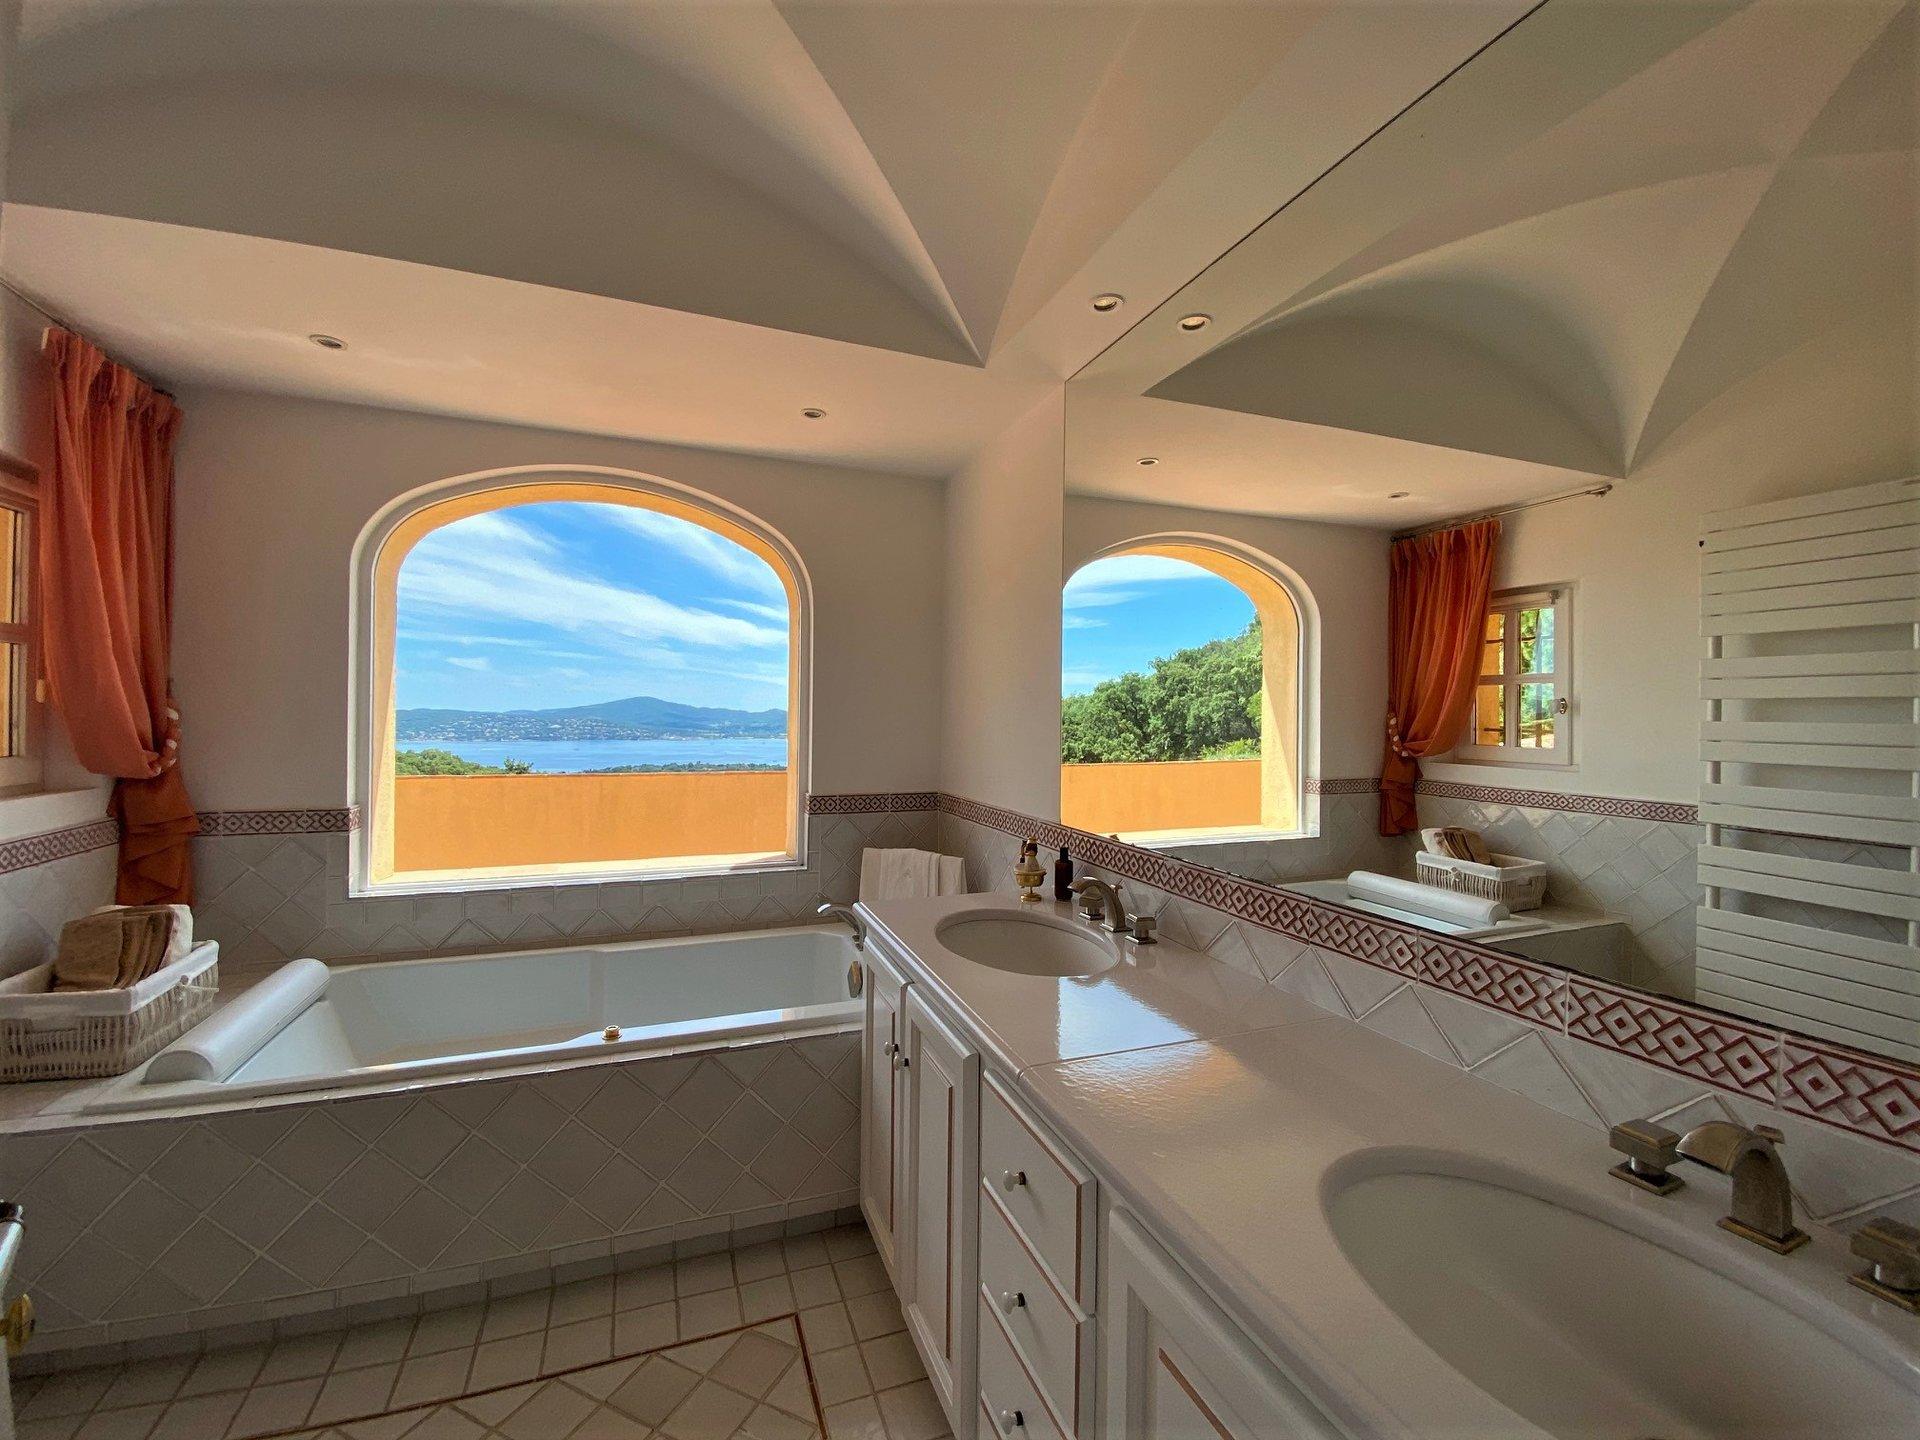 A vendre superbe villa provençale avec magnifique vue mer à Grimaud, Bartolle Beauvallon. Située au ...